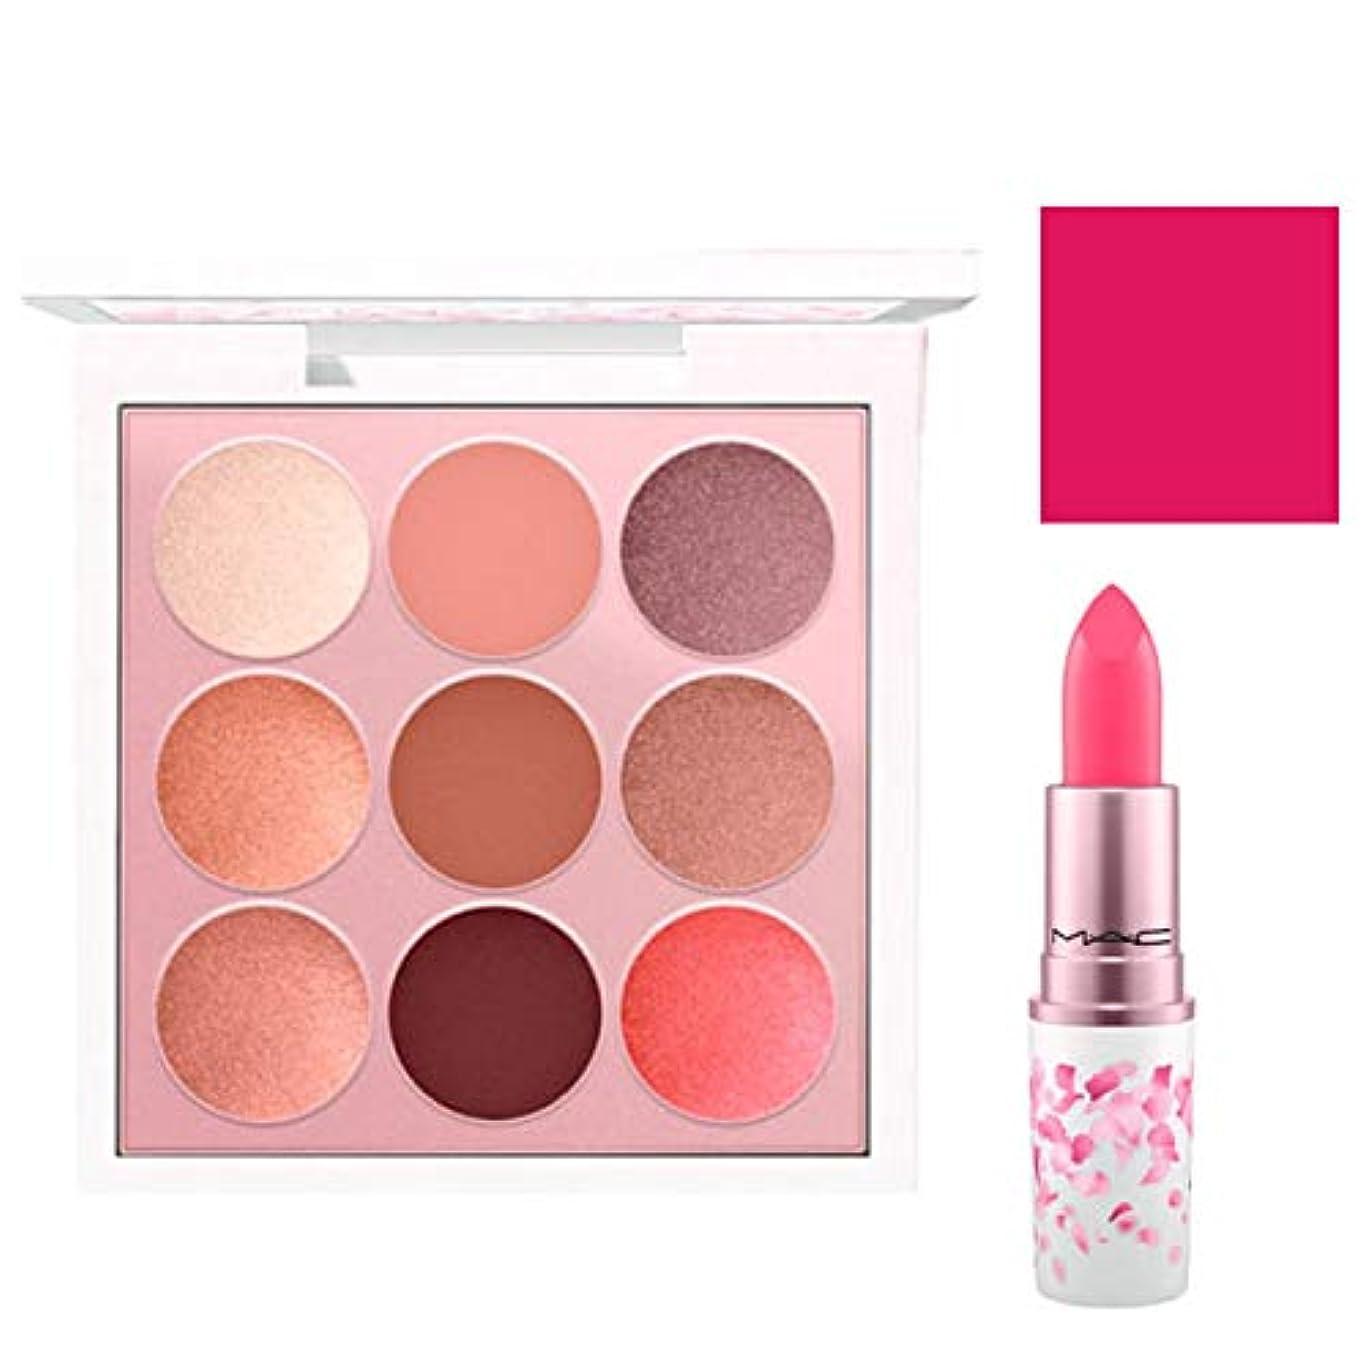 ハイランド早熟仮定するM.A.C 限定版, Boom, Boom, Bloom EyeShadow & Lipstick (Kabuki Doll Palette & Tsk Tsk!) [海外直送品] [並行輸入品]